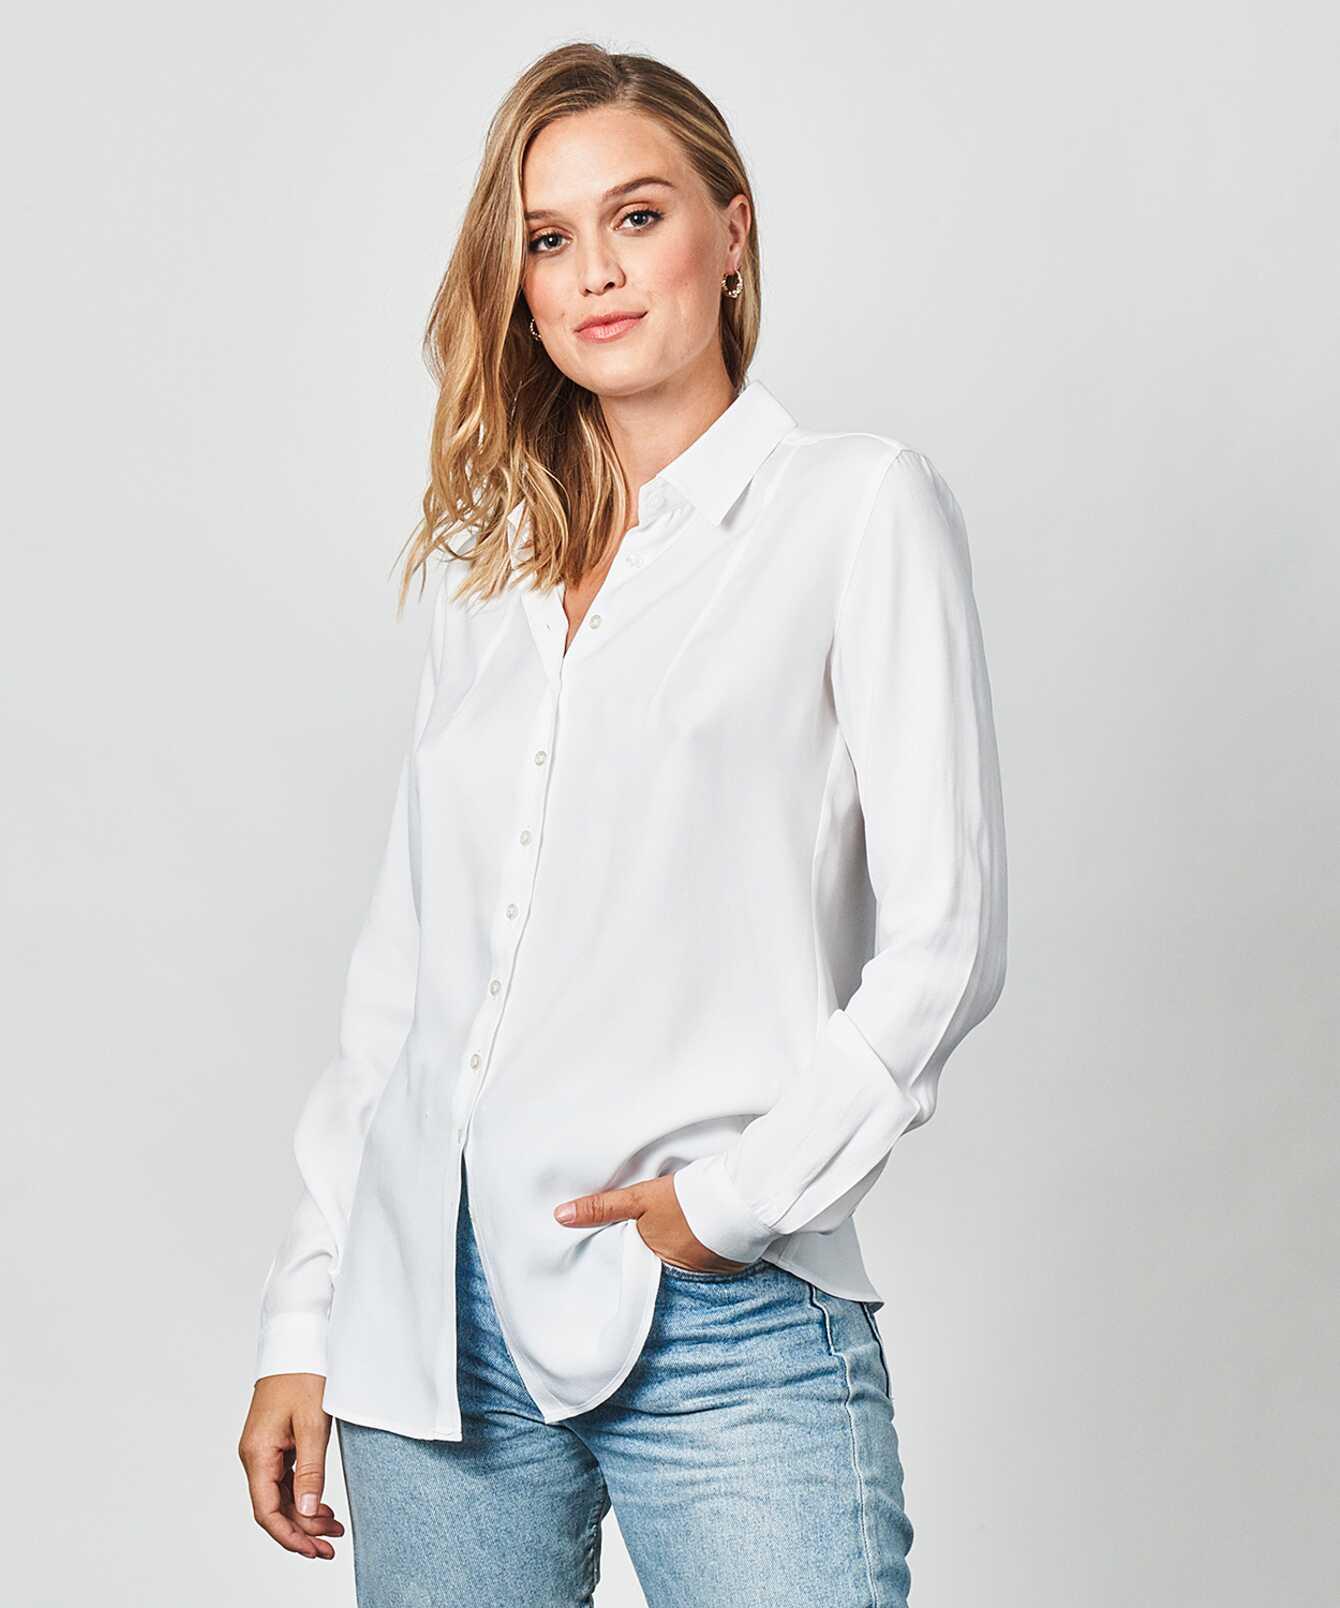 Skjorta Petra Verona Vit The Shirt Factory